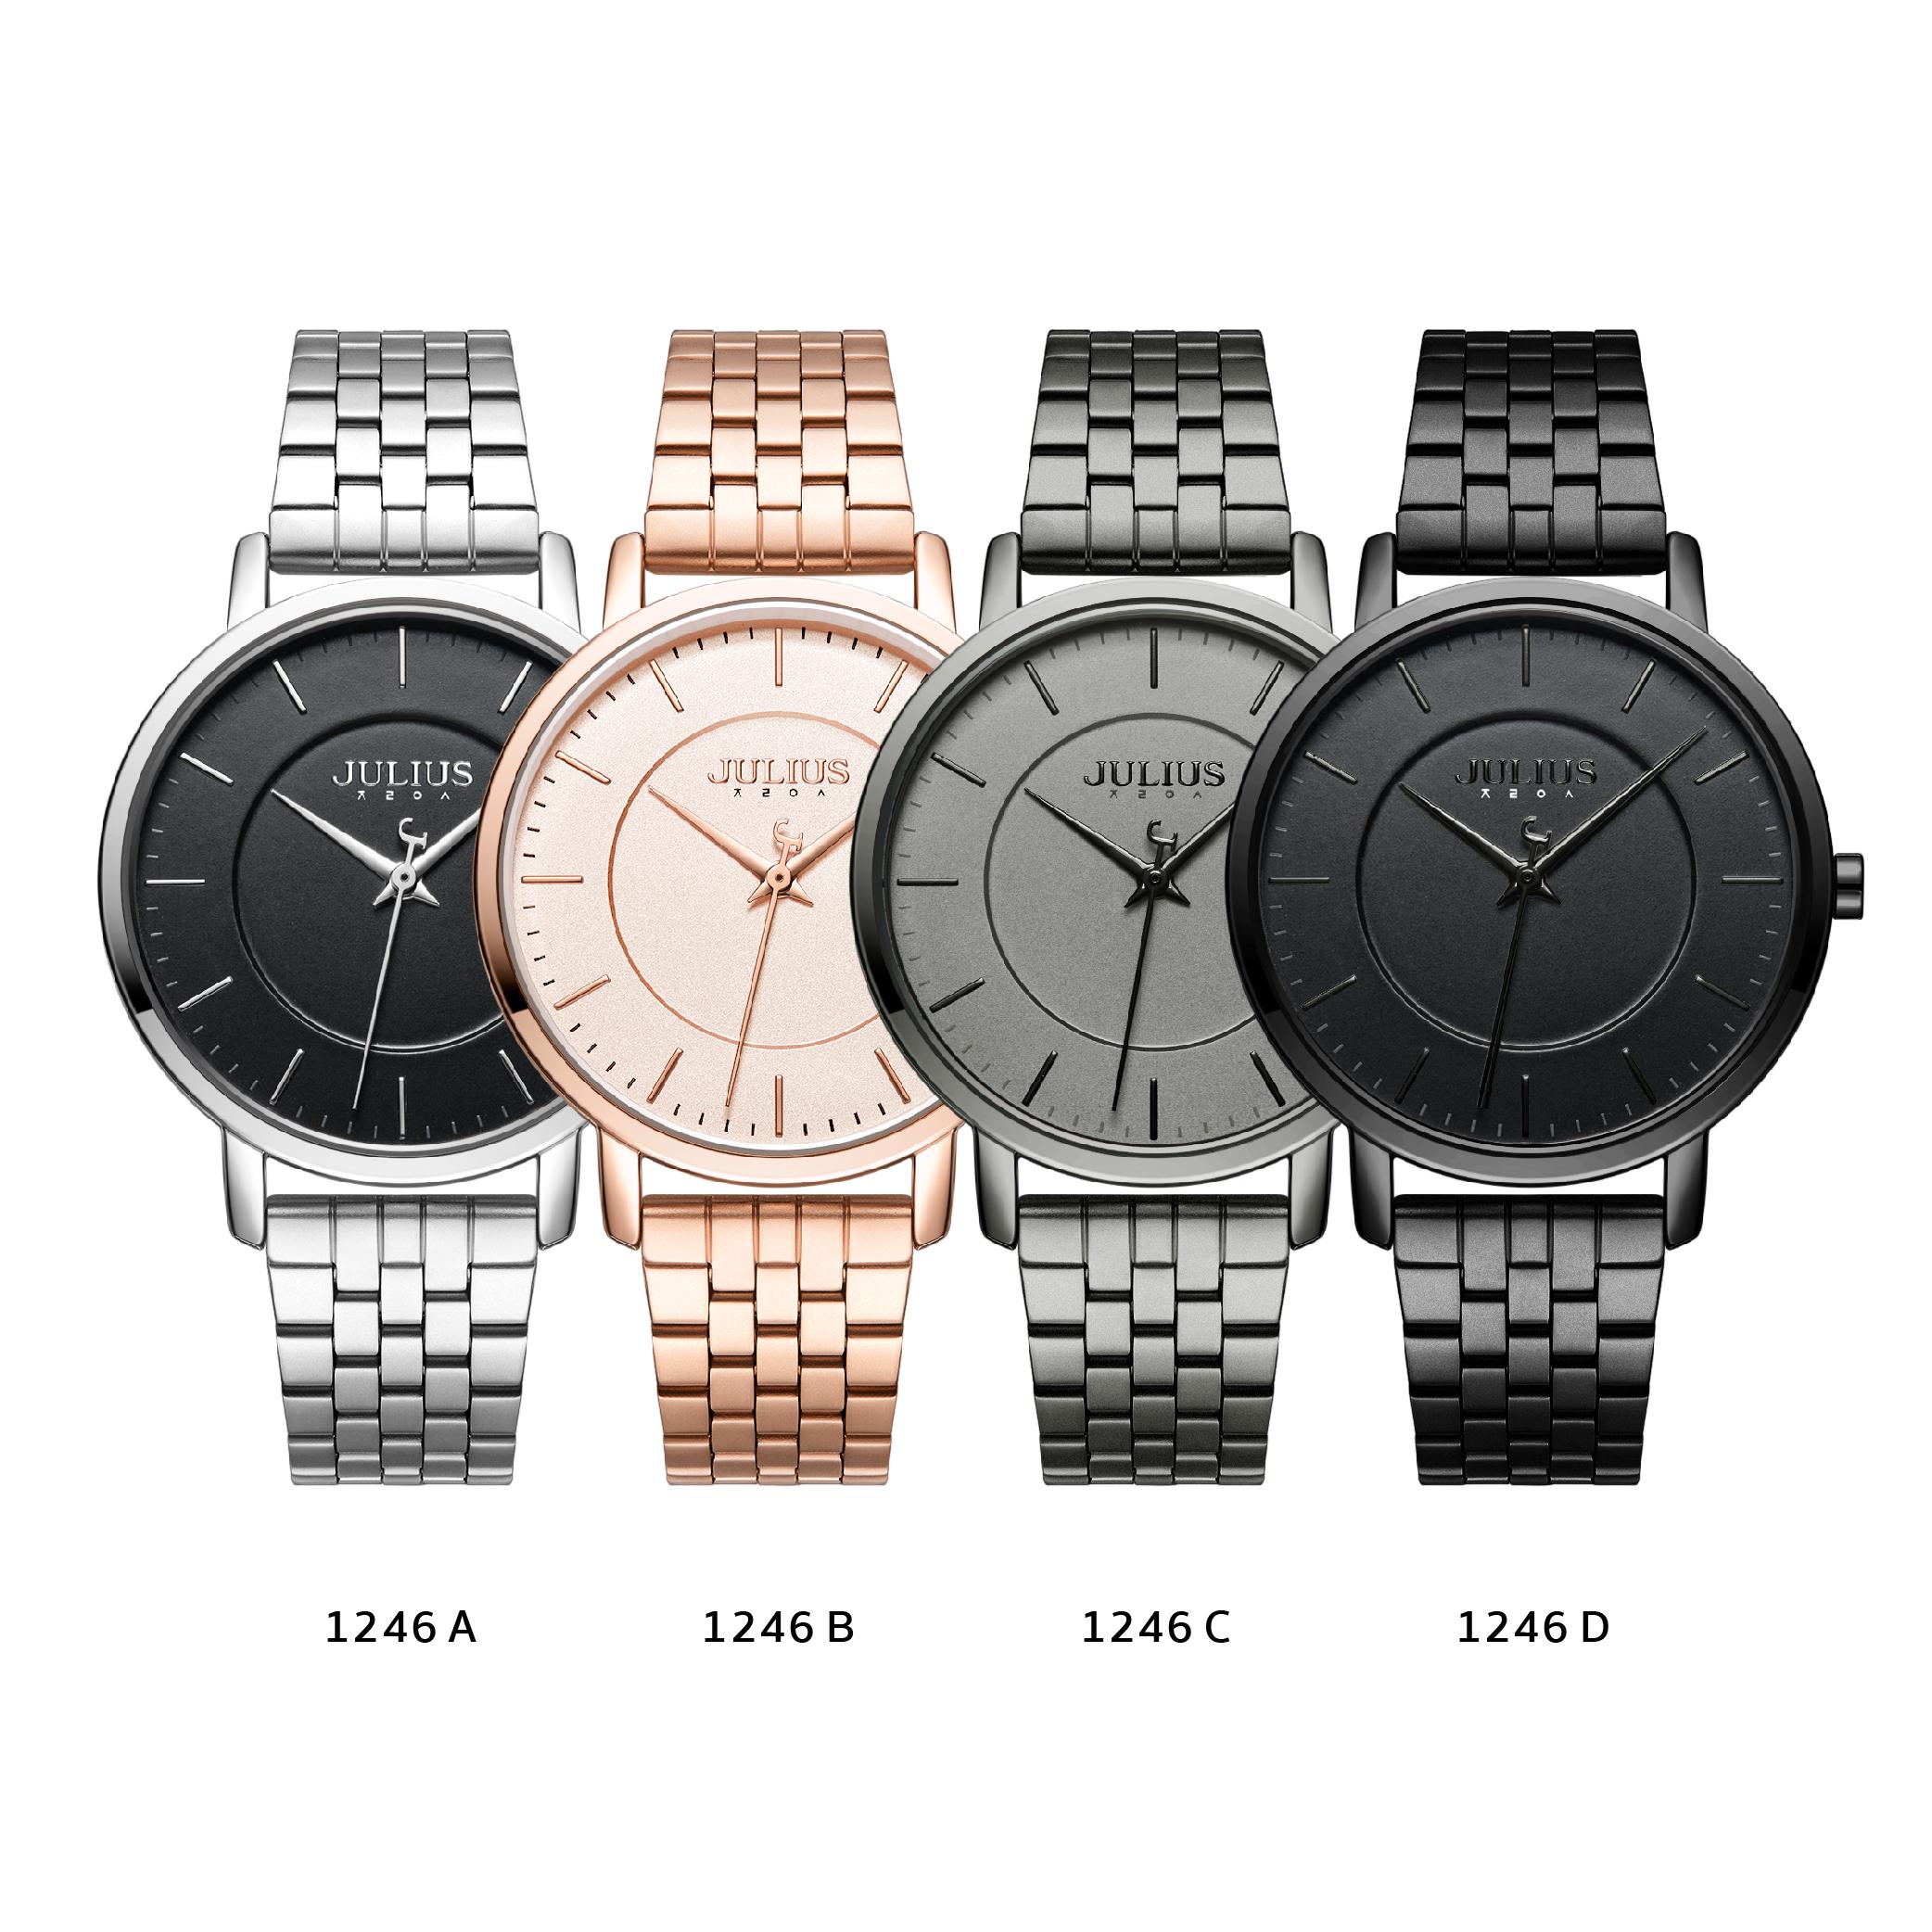 นาฬิกาข้อมือผู้หญิง JULIUS 1246D